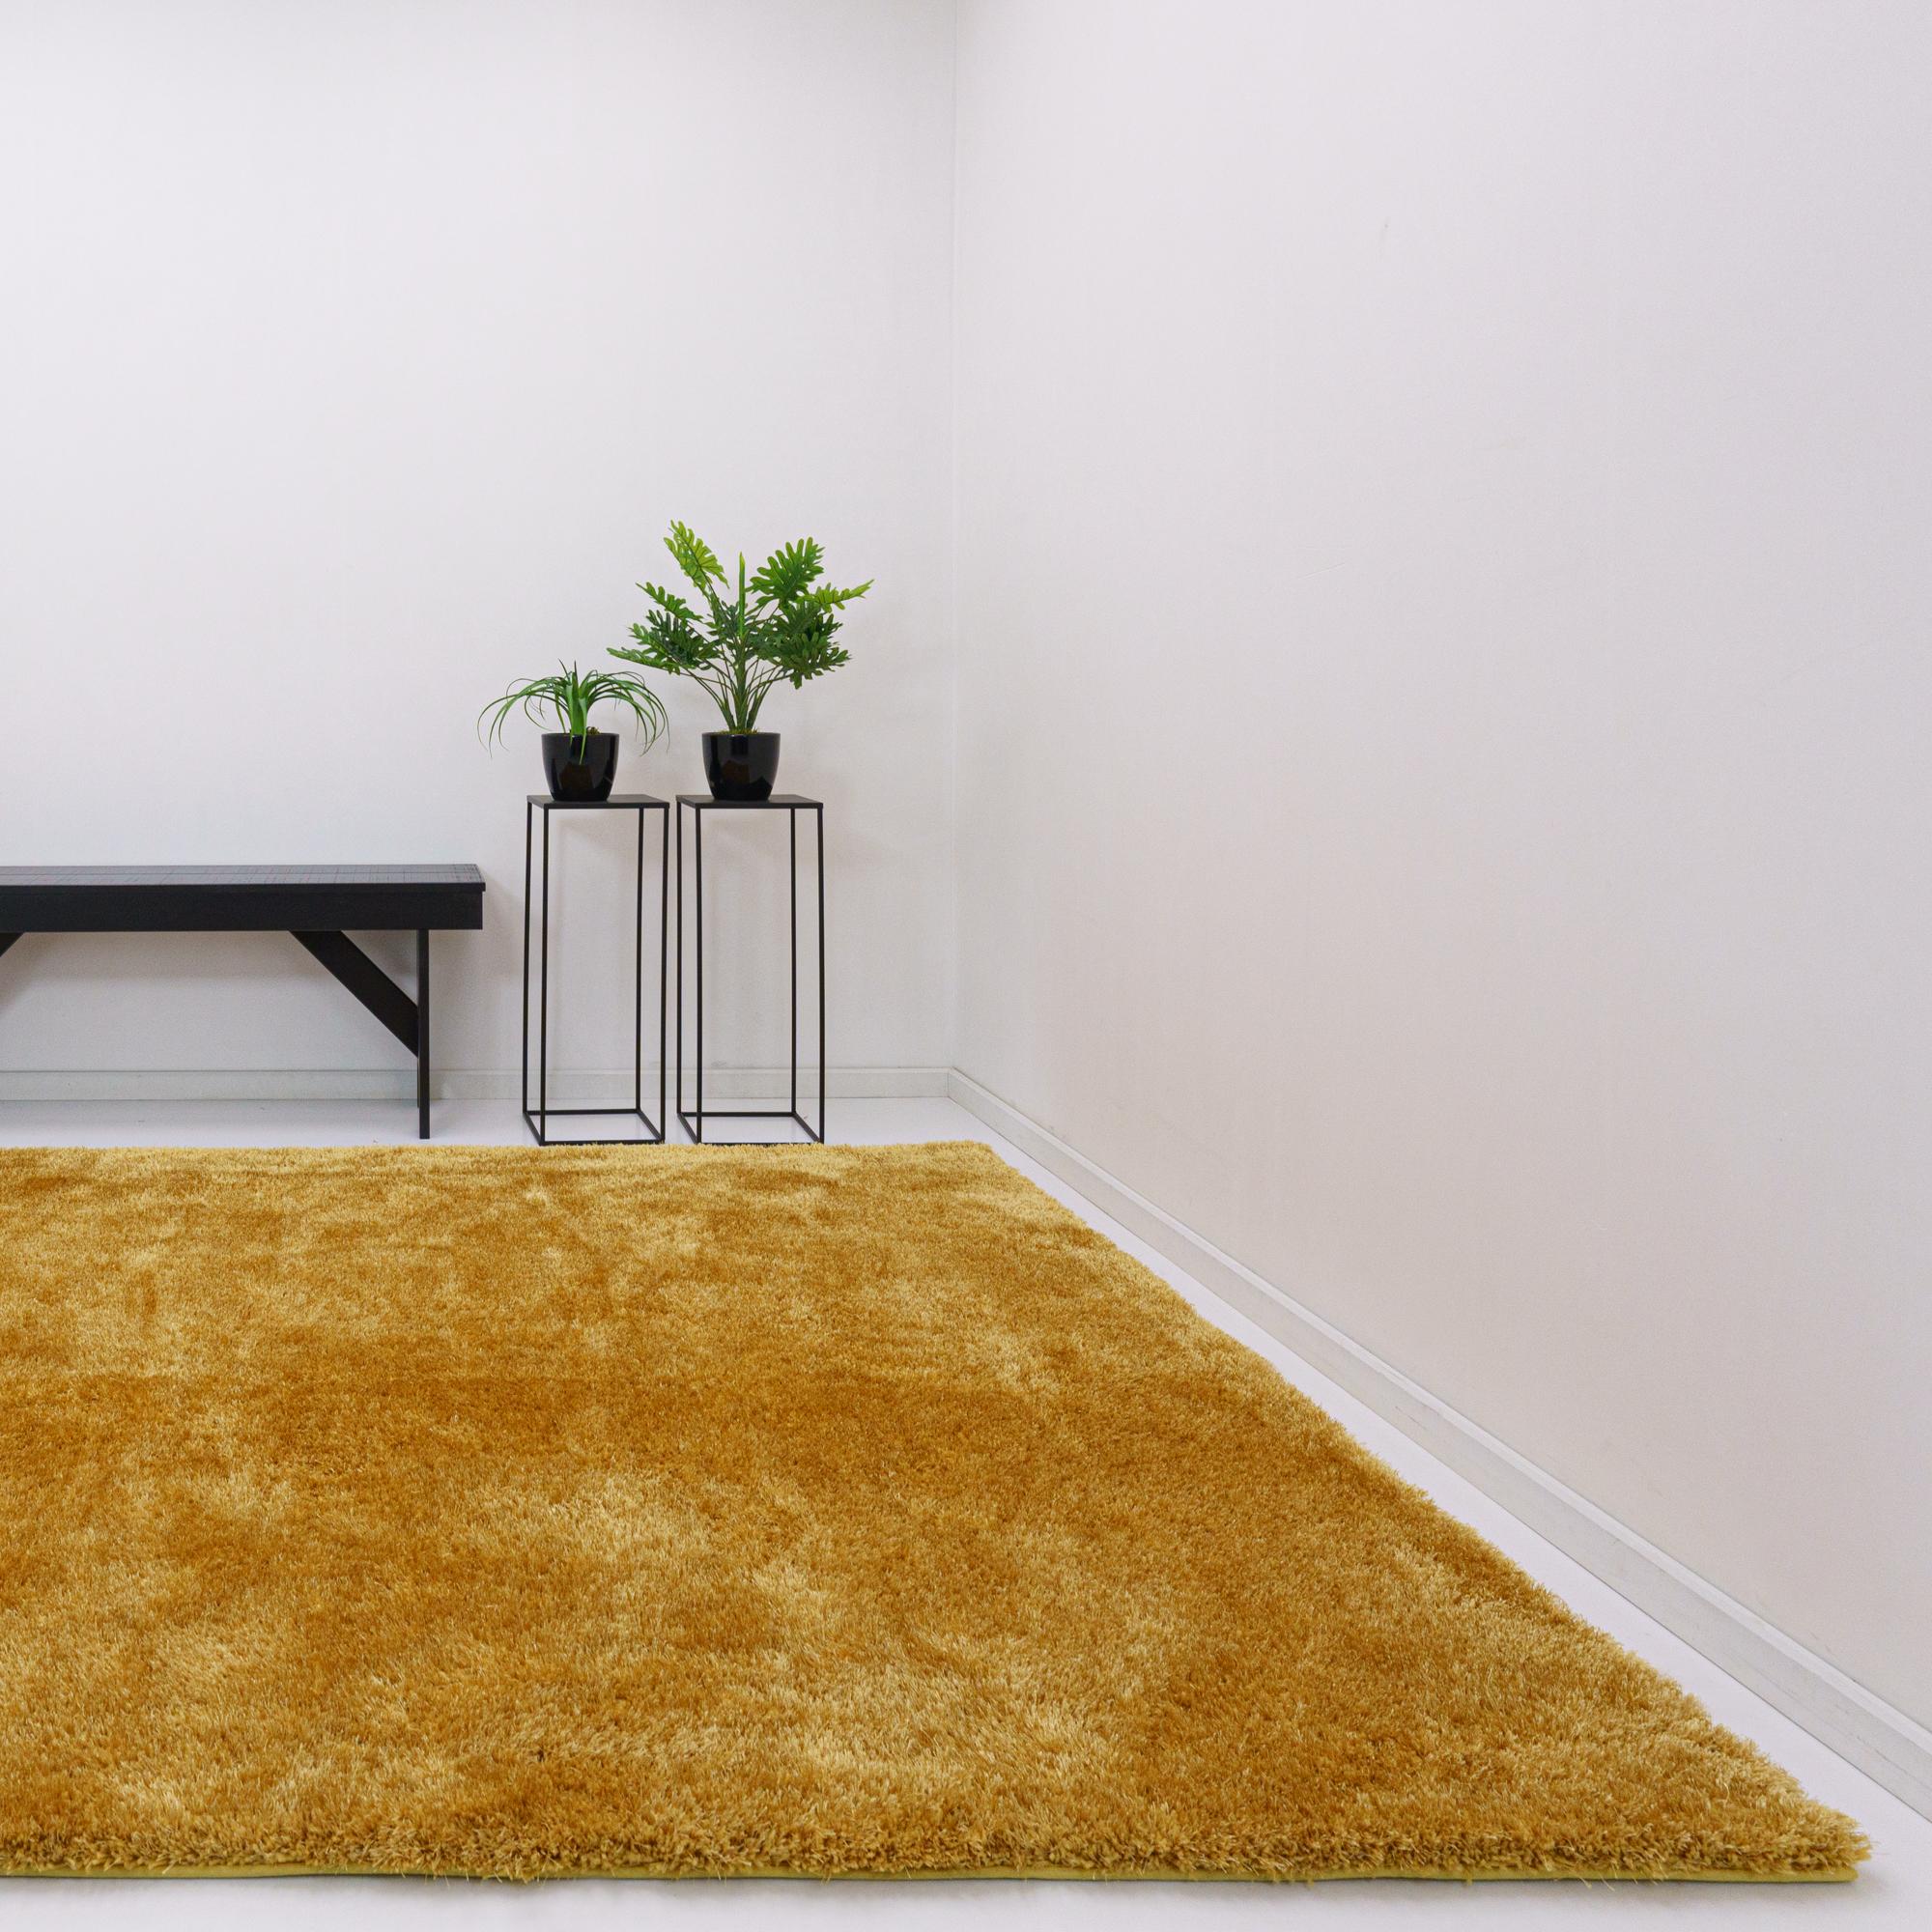 Vloerkleed Xilento Twinkle Sunshine | 200 x 300 cm